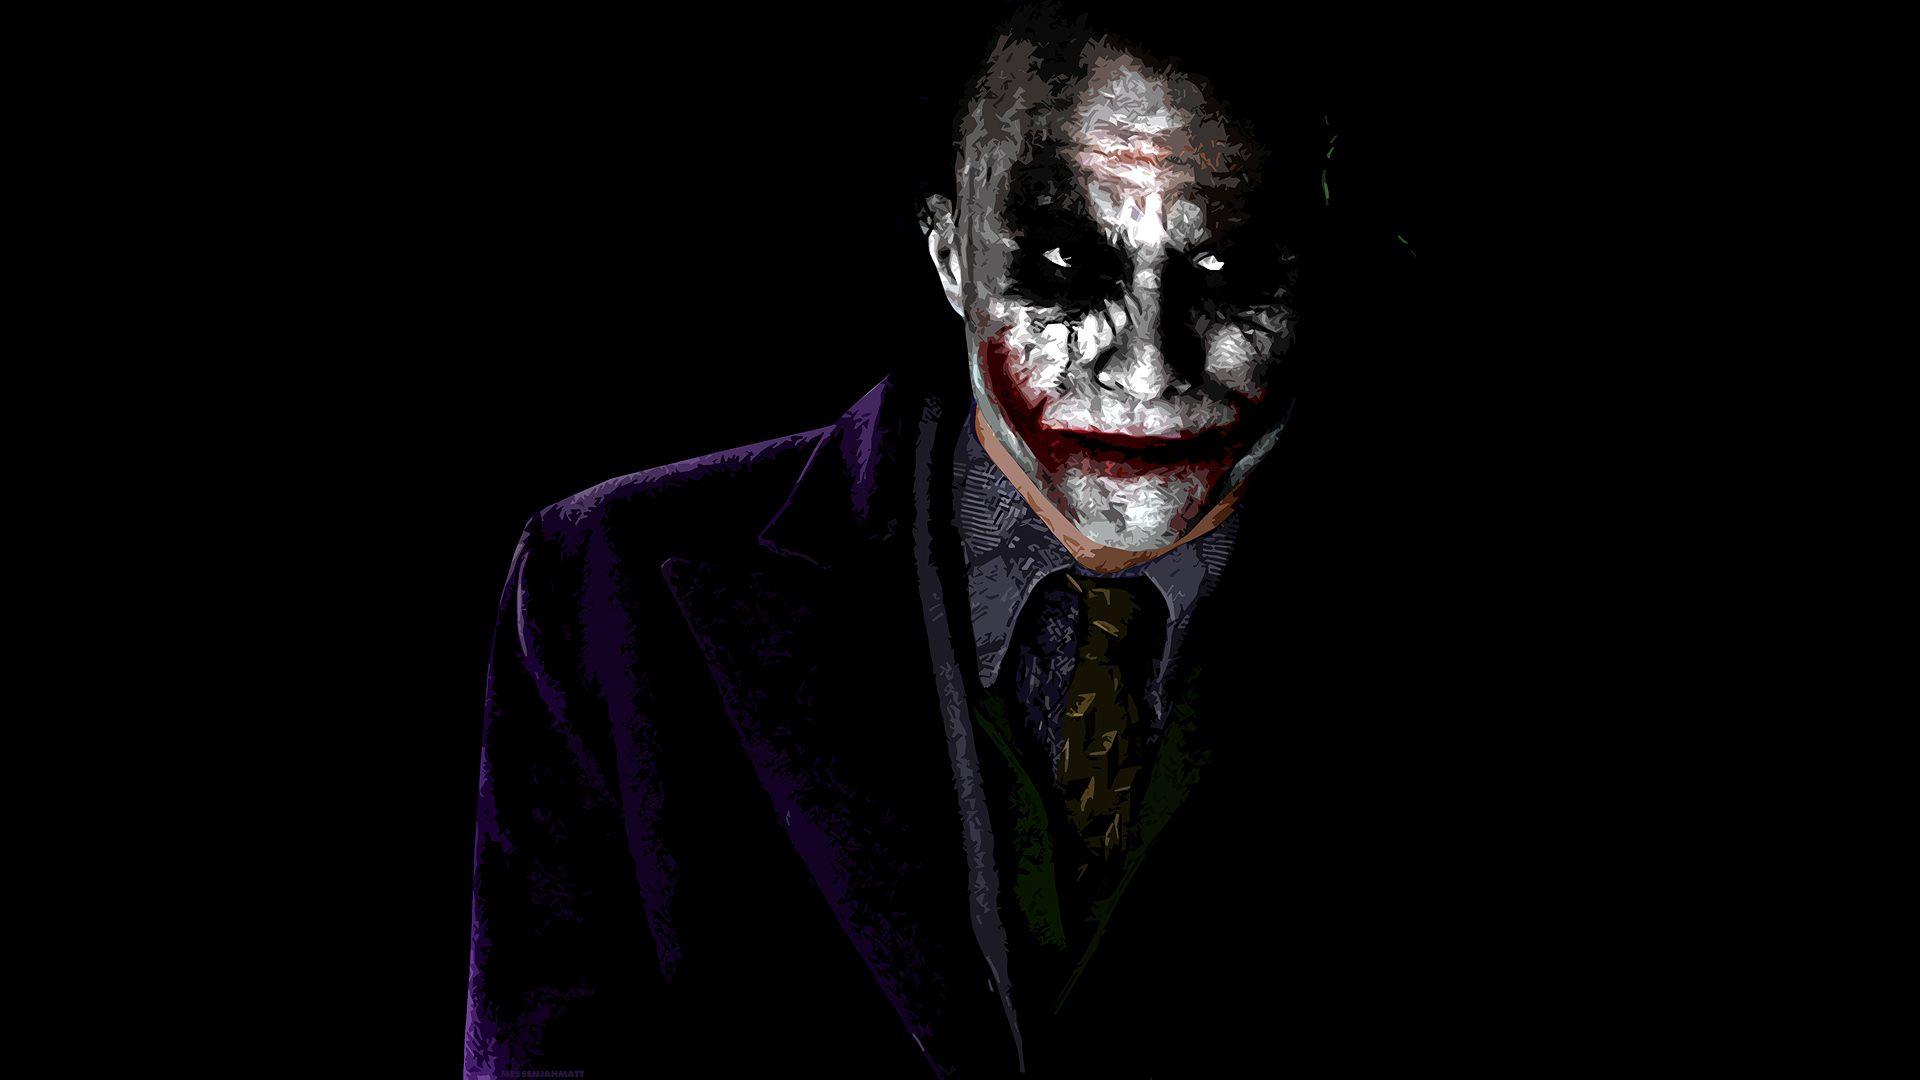 The Joker. [1920x1080] Cómic, Fanart, Personajes